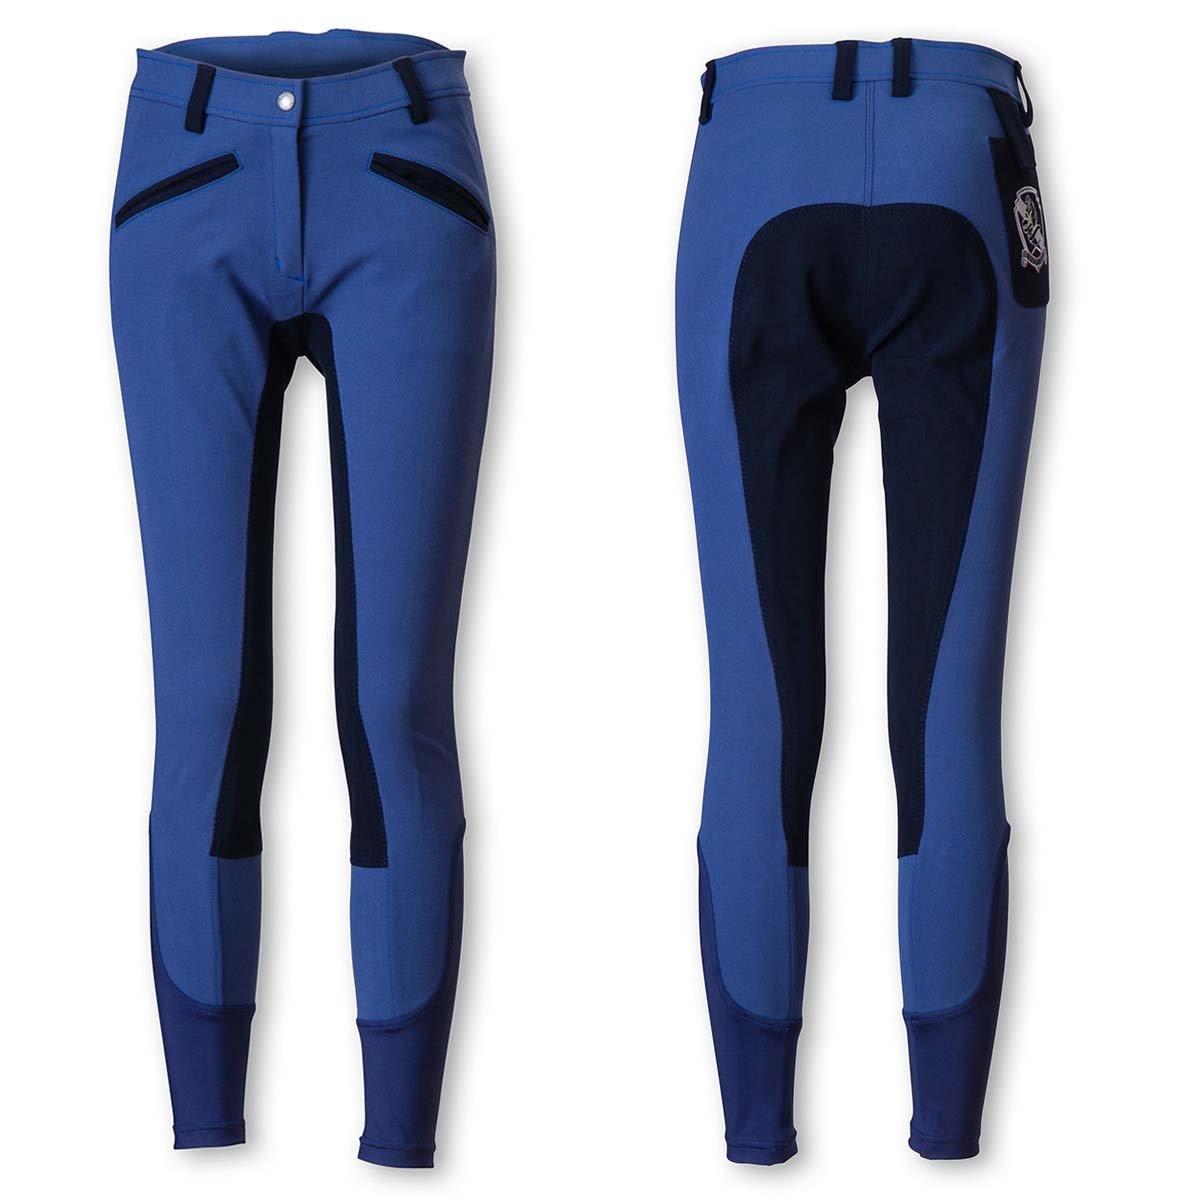 乗馬 キュロット ズボン パンツ EQULIBERTA ライディングキュロット 尻革 メンズ 乗馬用品 馬具 B077JC4MCZ Small|ブルー/ネイビー ブルー/ネイビー Small